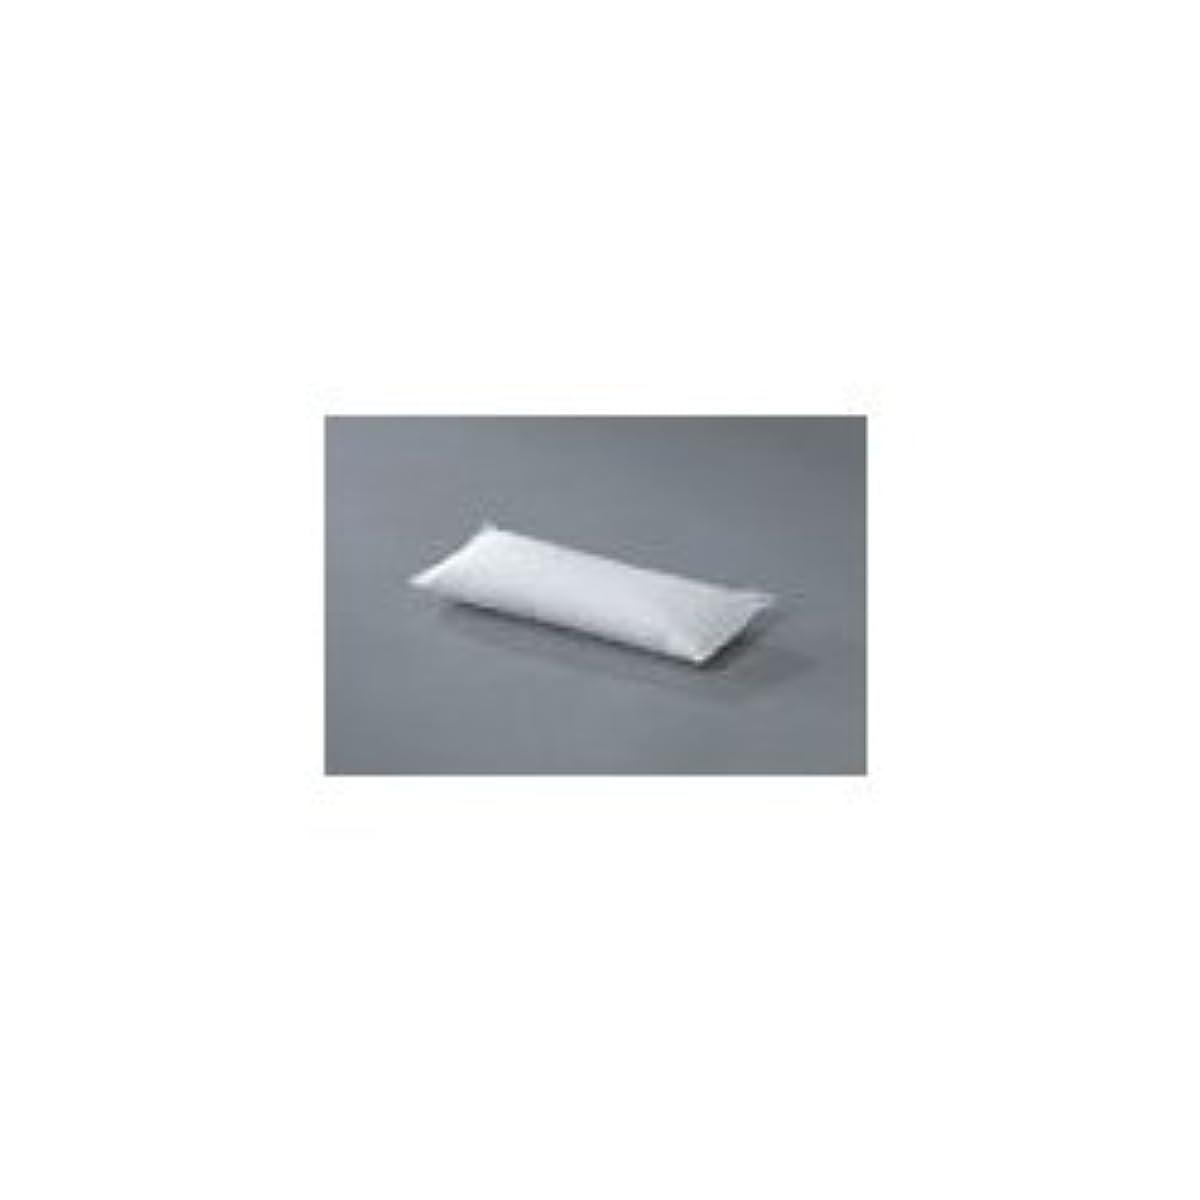 フィード寝具うれしいジャノメ 24時間風呂 クリーンバスユニット専用電解促進剤 CLパック 7袋 (クリーンパック)